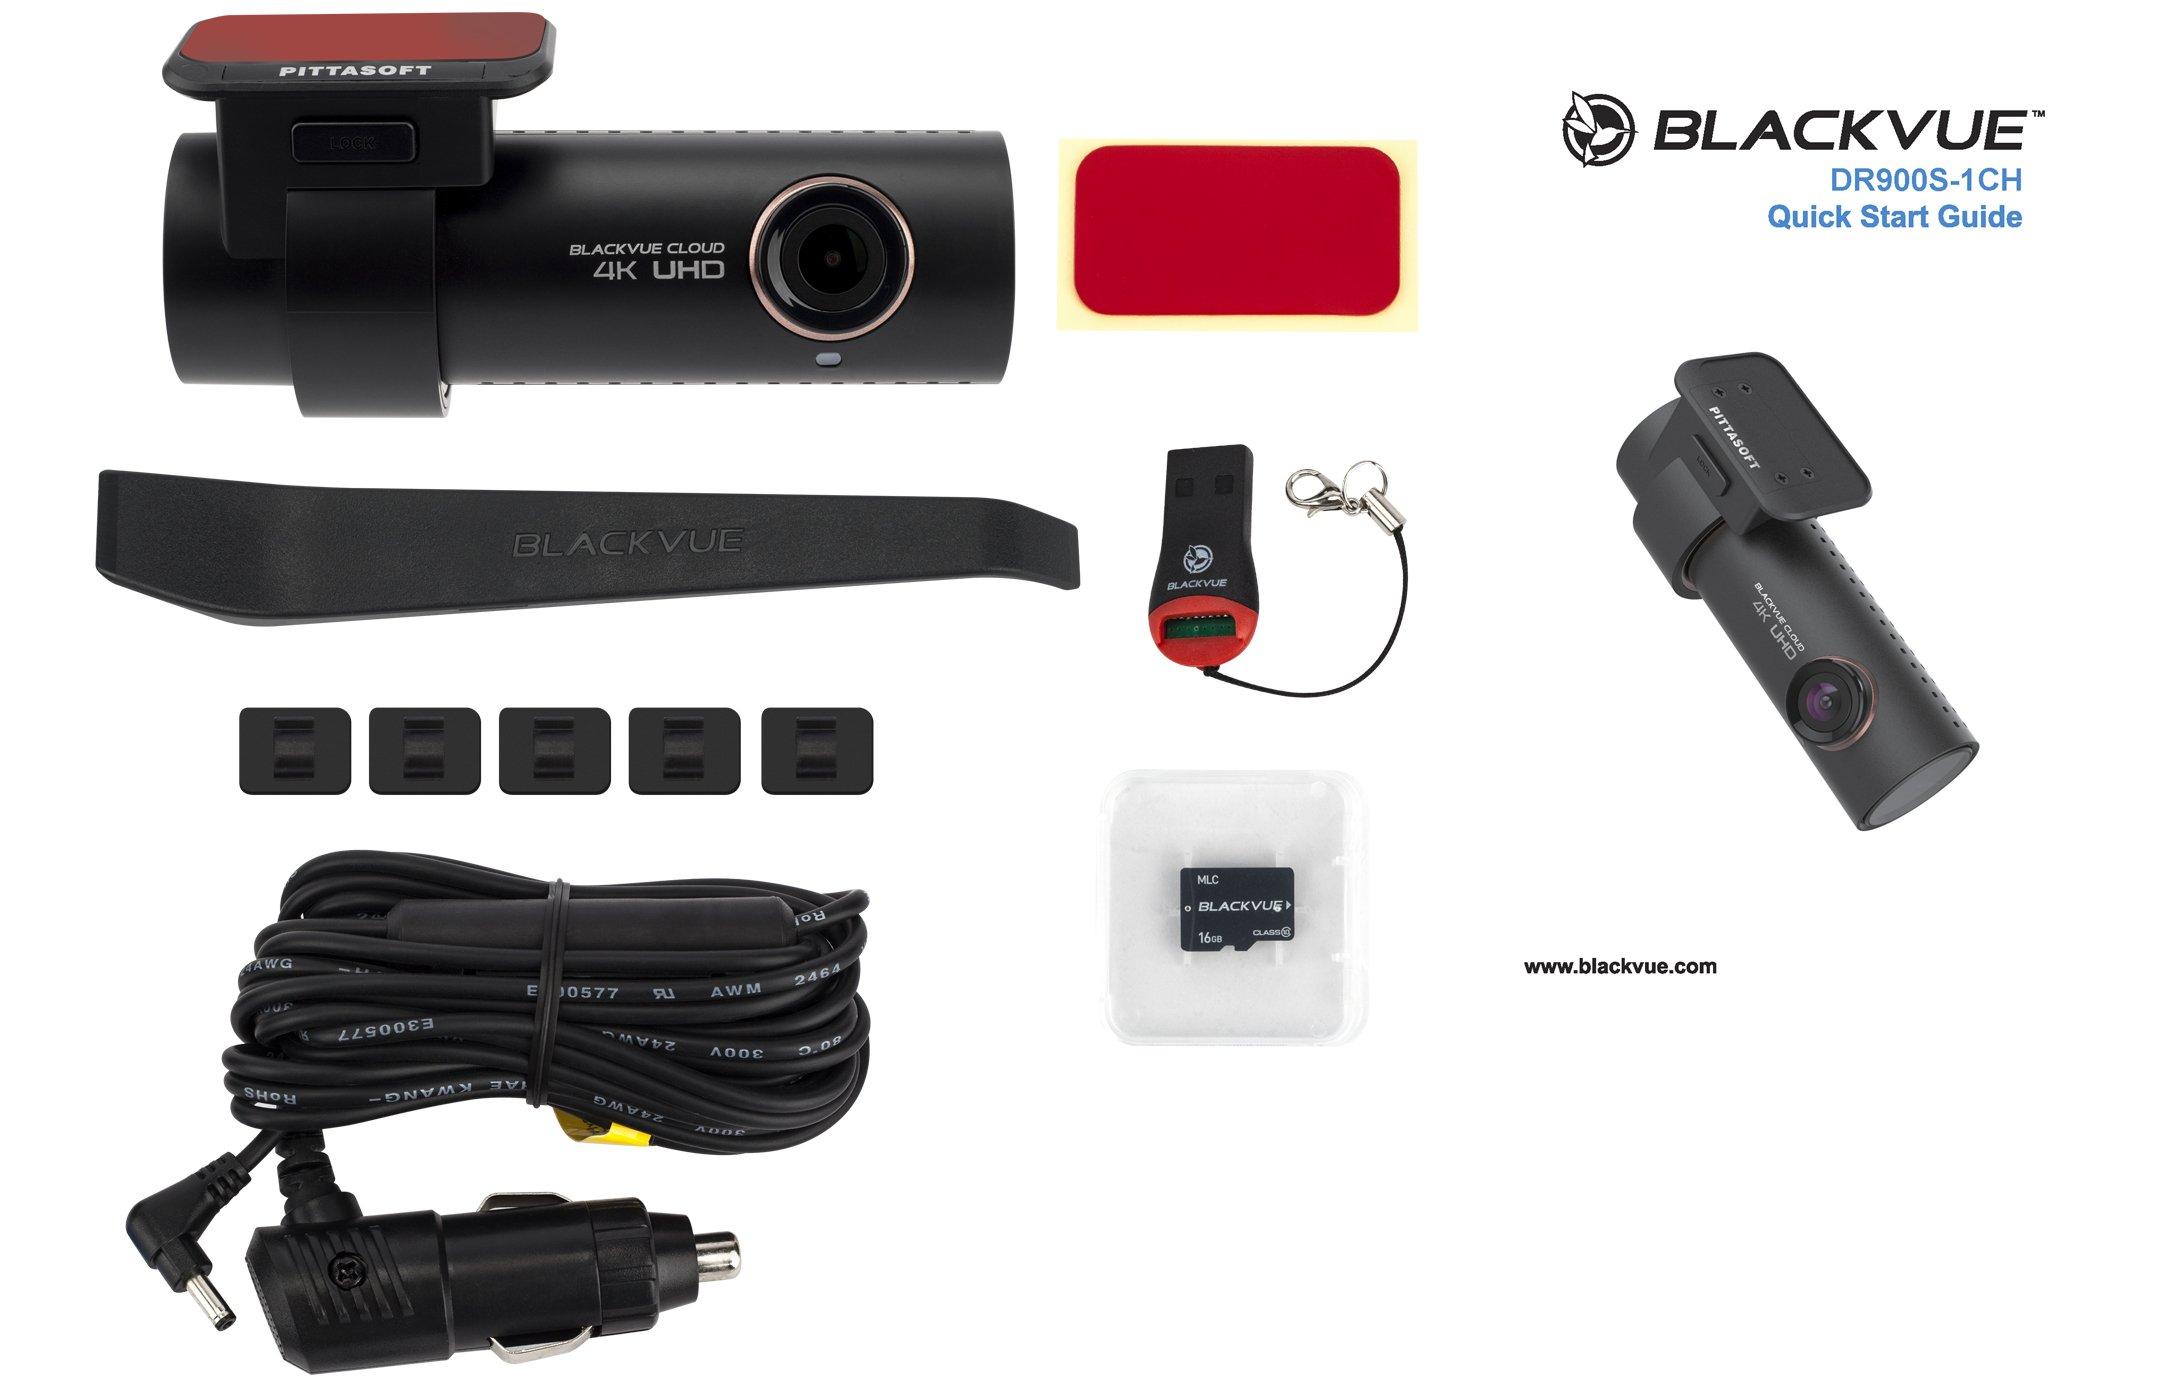 BlackVue-DR900S-1CH-4-K-Ultra-HD-Weitwinkel-Cloud-Verbunden-Dash-Kamera